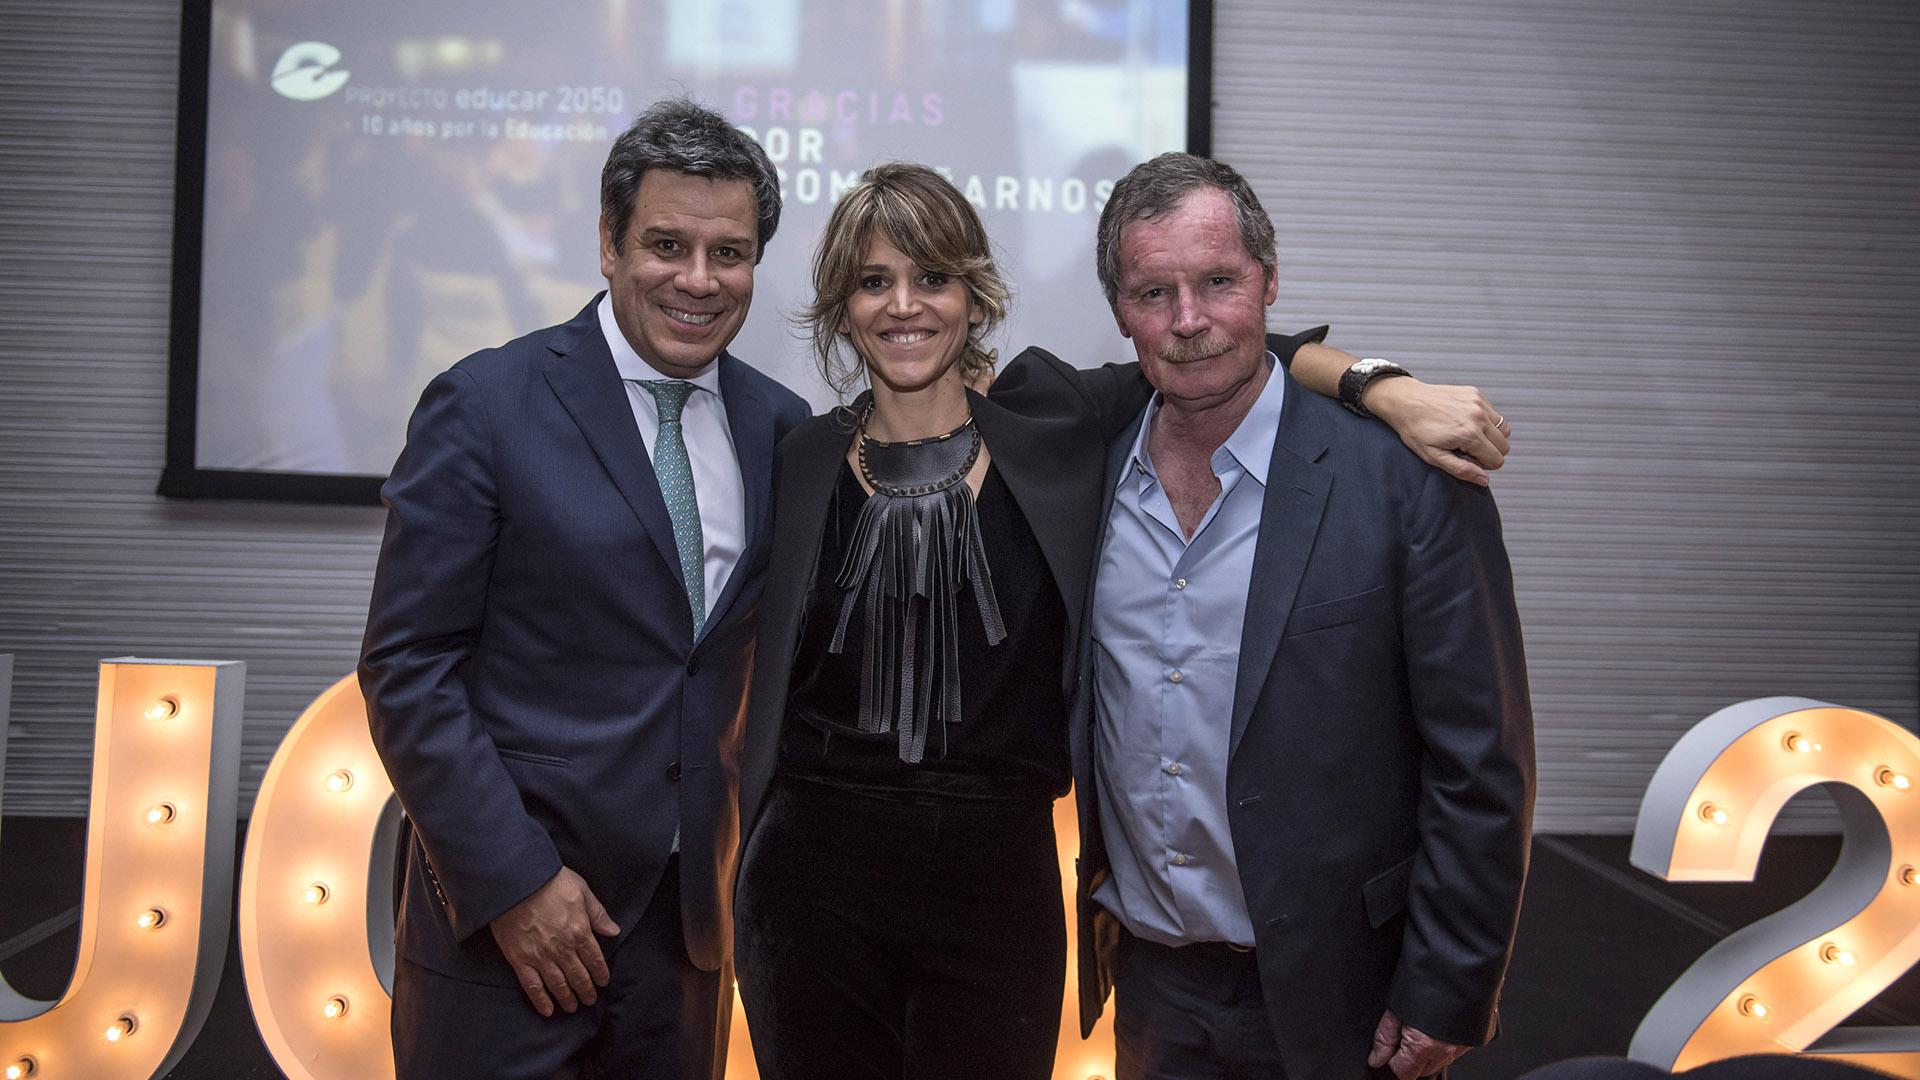 El neurocientífico Facundo Manes junto a María Freytes y Juan Carr, fundador de Red Solidaria. Los participantes del evento compartieron la visión de Educar 2050: colocar a la Argentina entre los 5 países con más alta calidad educativa antes del año 2050